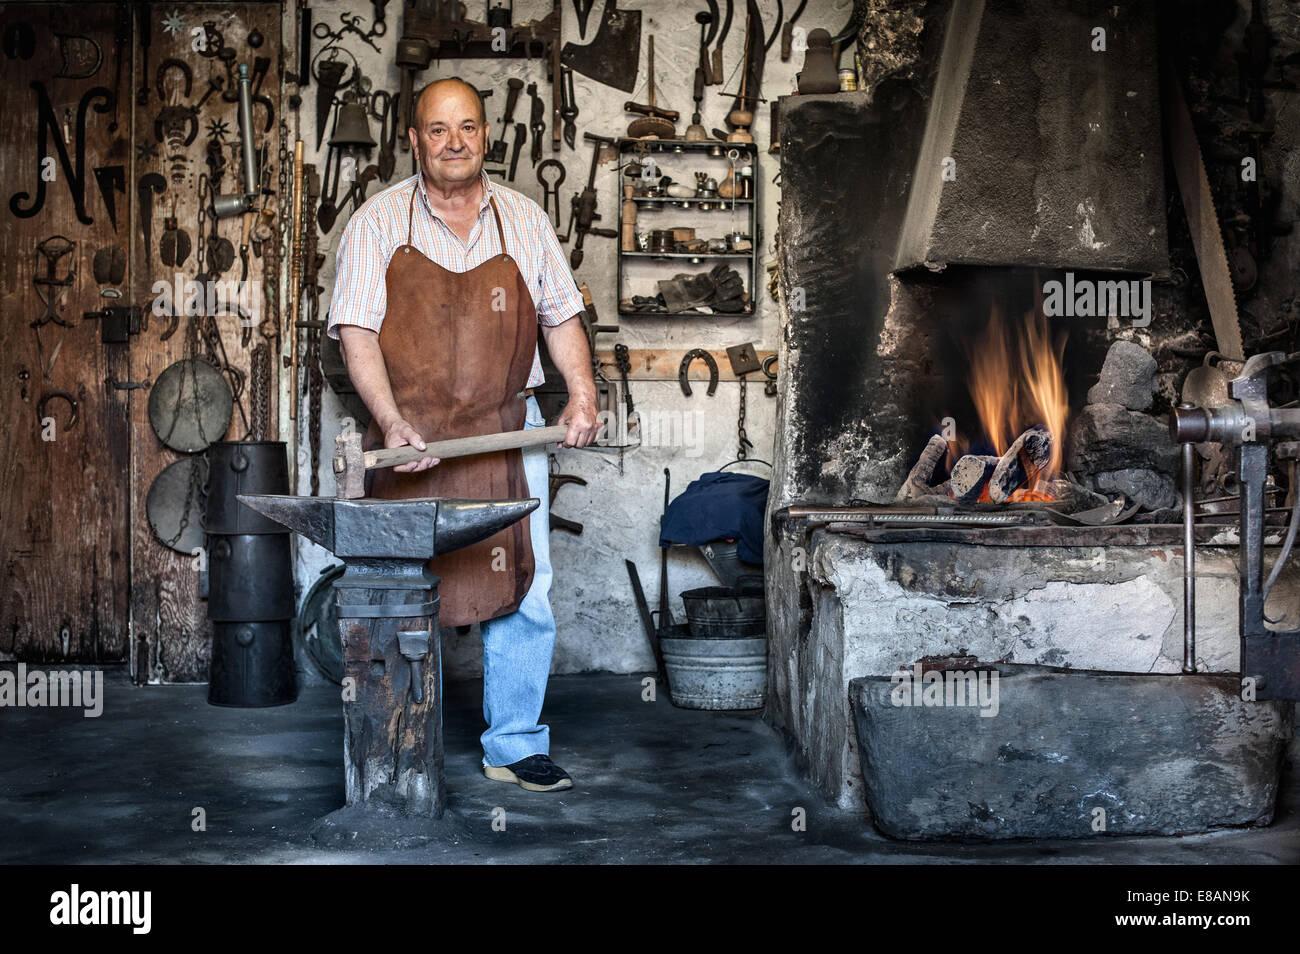 Ritratto del maschio anziano fabbro in officina tradizionali, Cagliari, Sardegna, Italia Immagini Stock